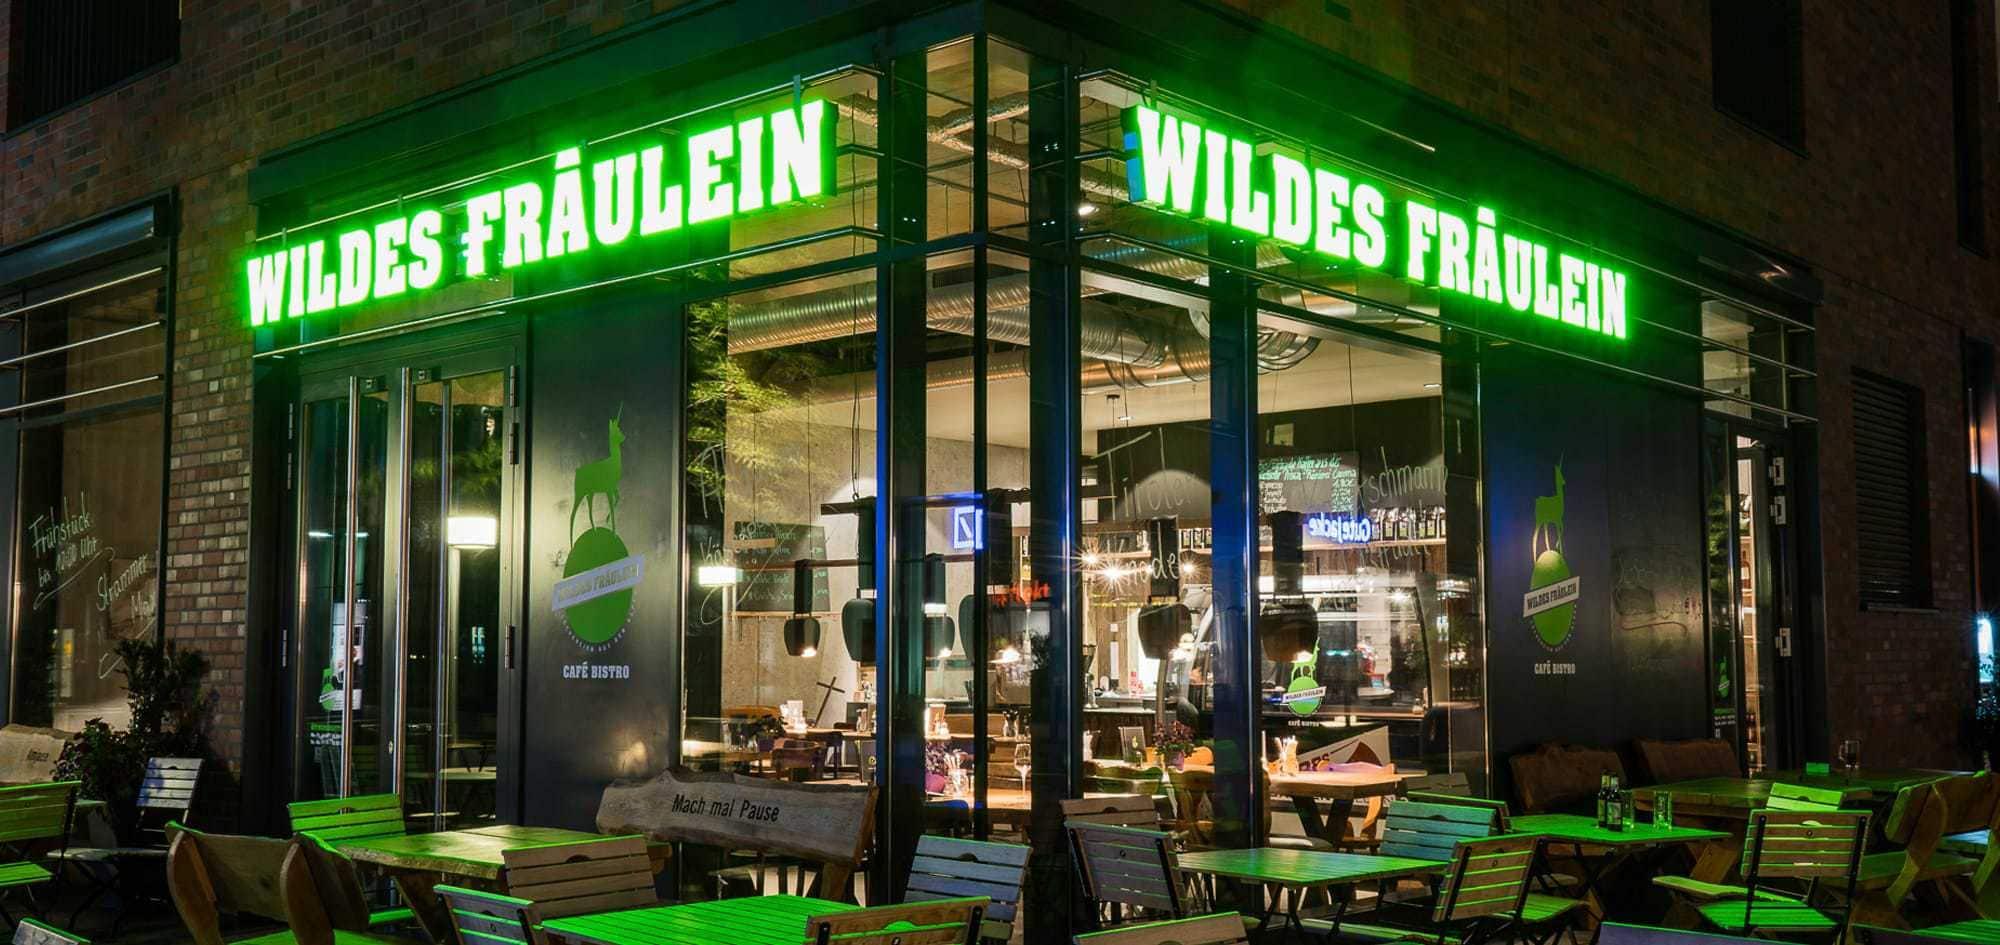 Werbeanlage Wildes Fräulein in der Hafencity Hamburg mit einzelnen Buchstaben gefertigt aus Plexiglas mit einer LED Ausleuchtung.